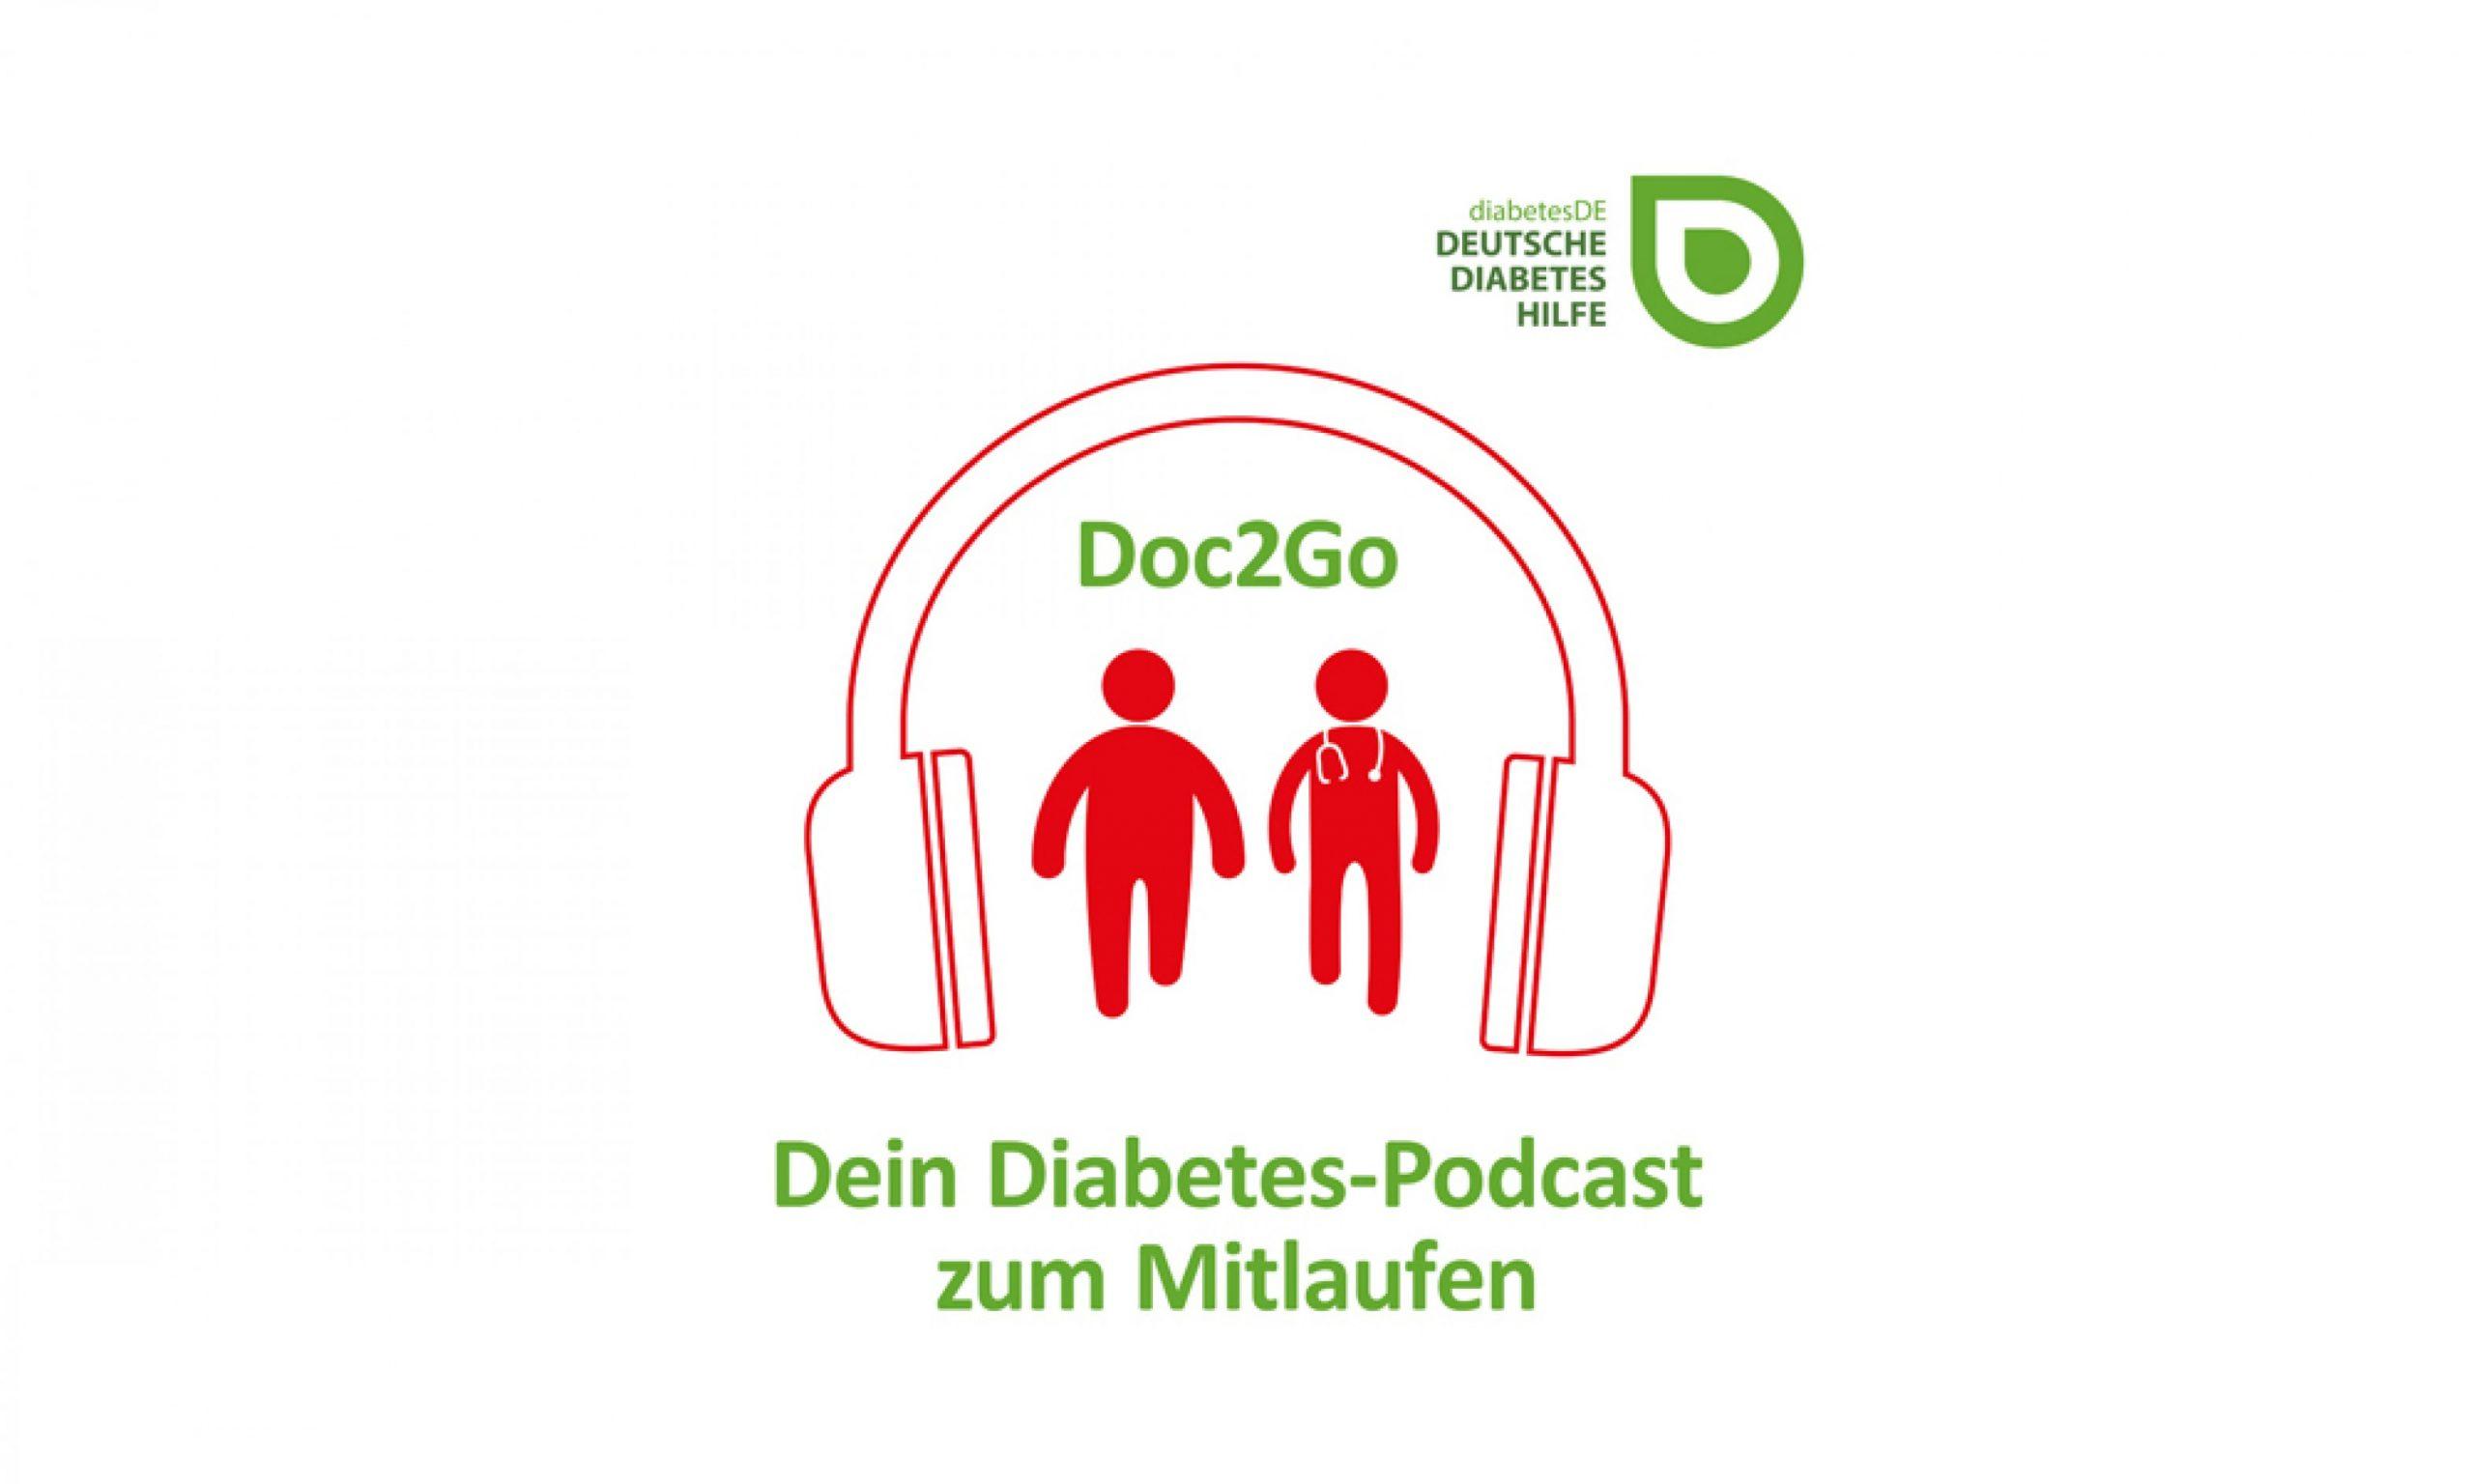 Doc2Go – der erste Diabetes-Podcast zum Mitlaufen